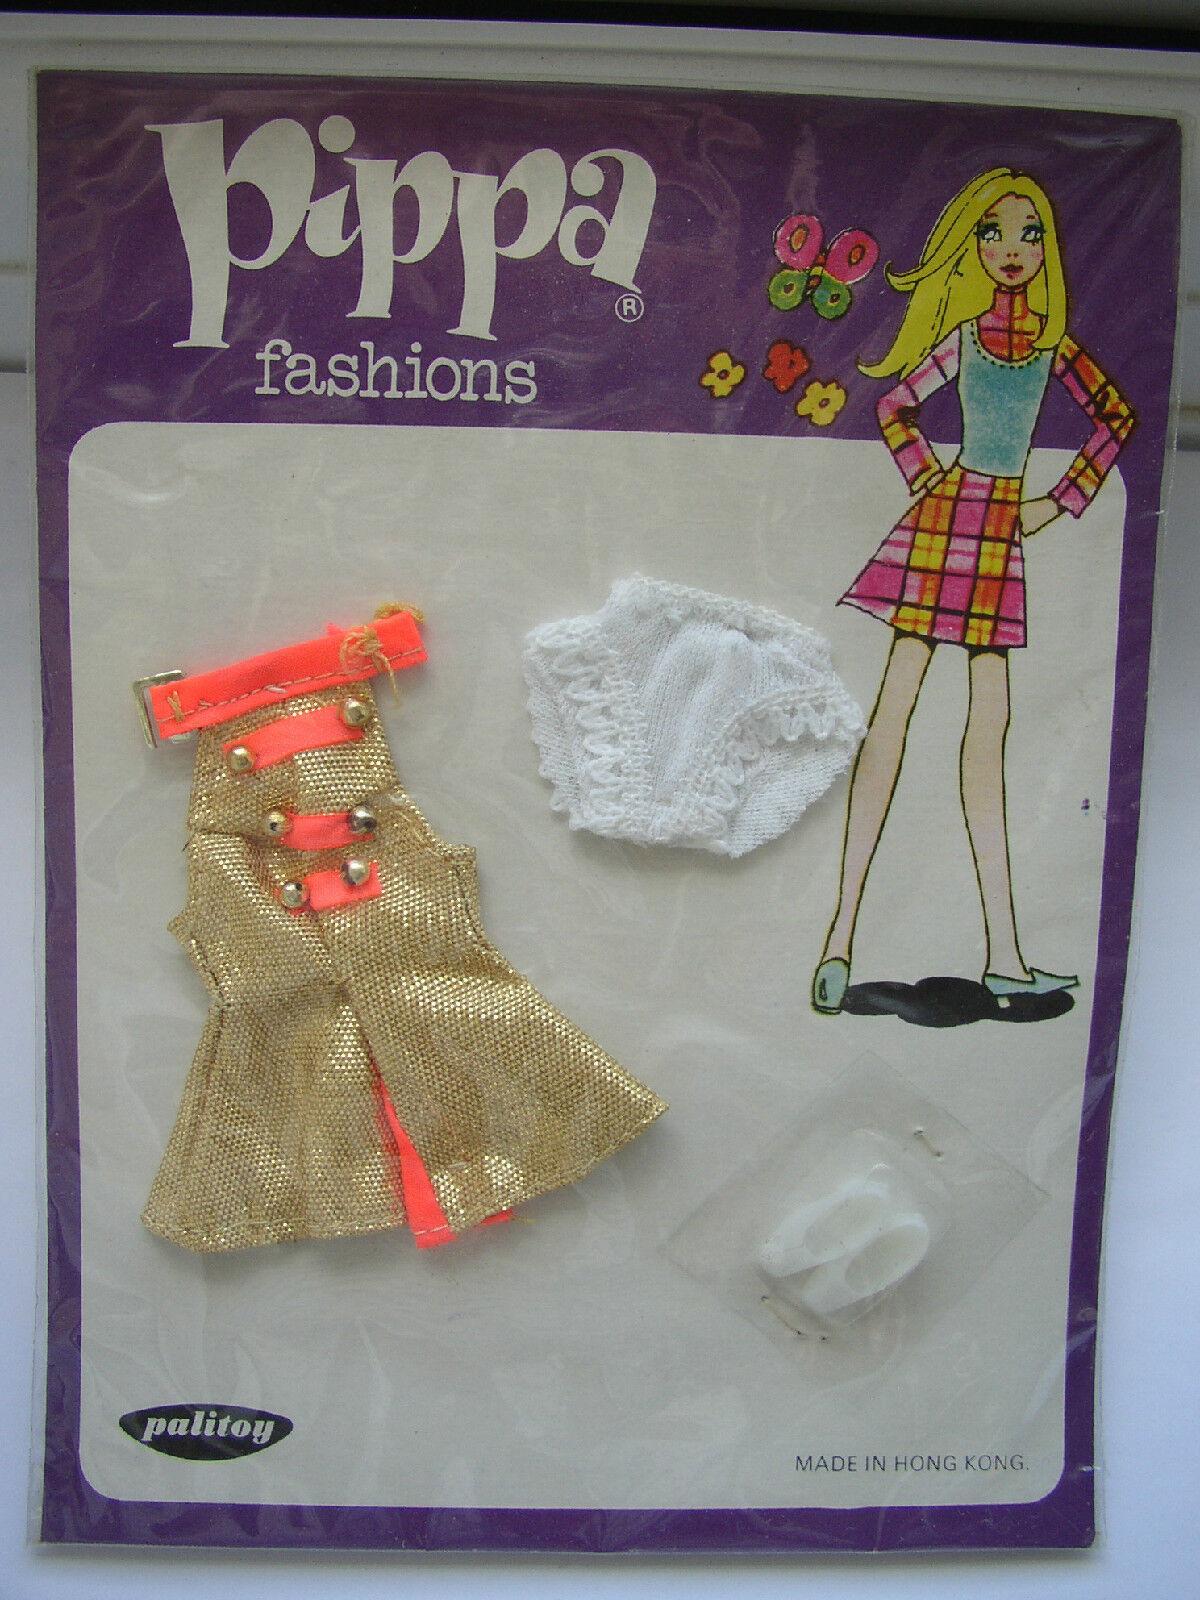 Palitoy Pippa dawn doll Originale mai tolto dall'imballo Mini Abito in condizione nuovo di zecca